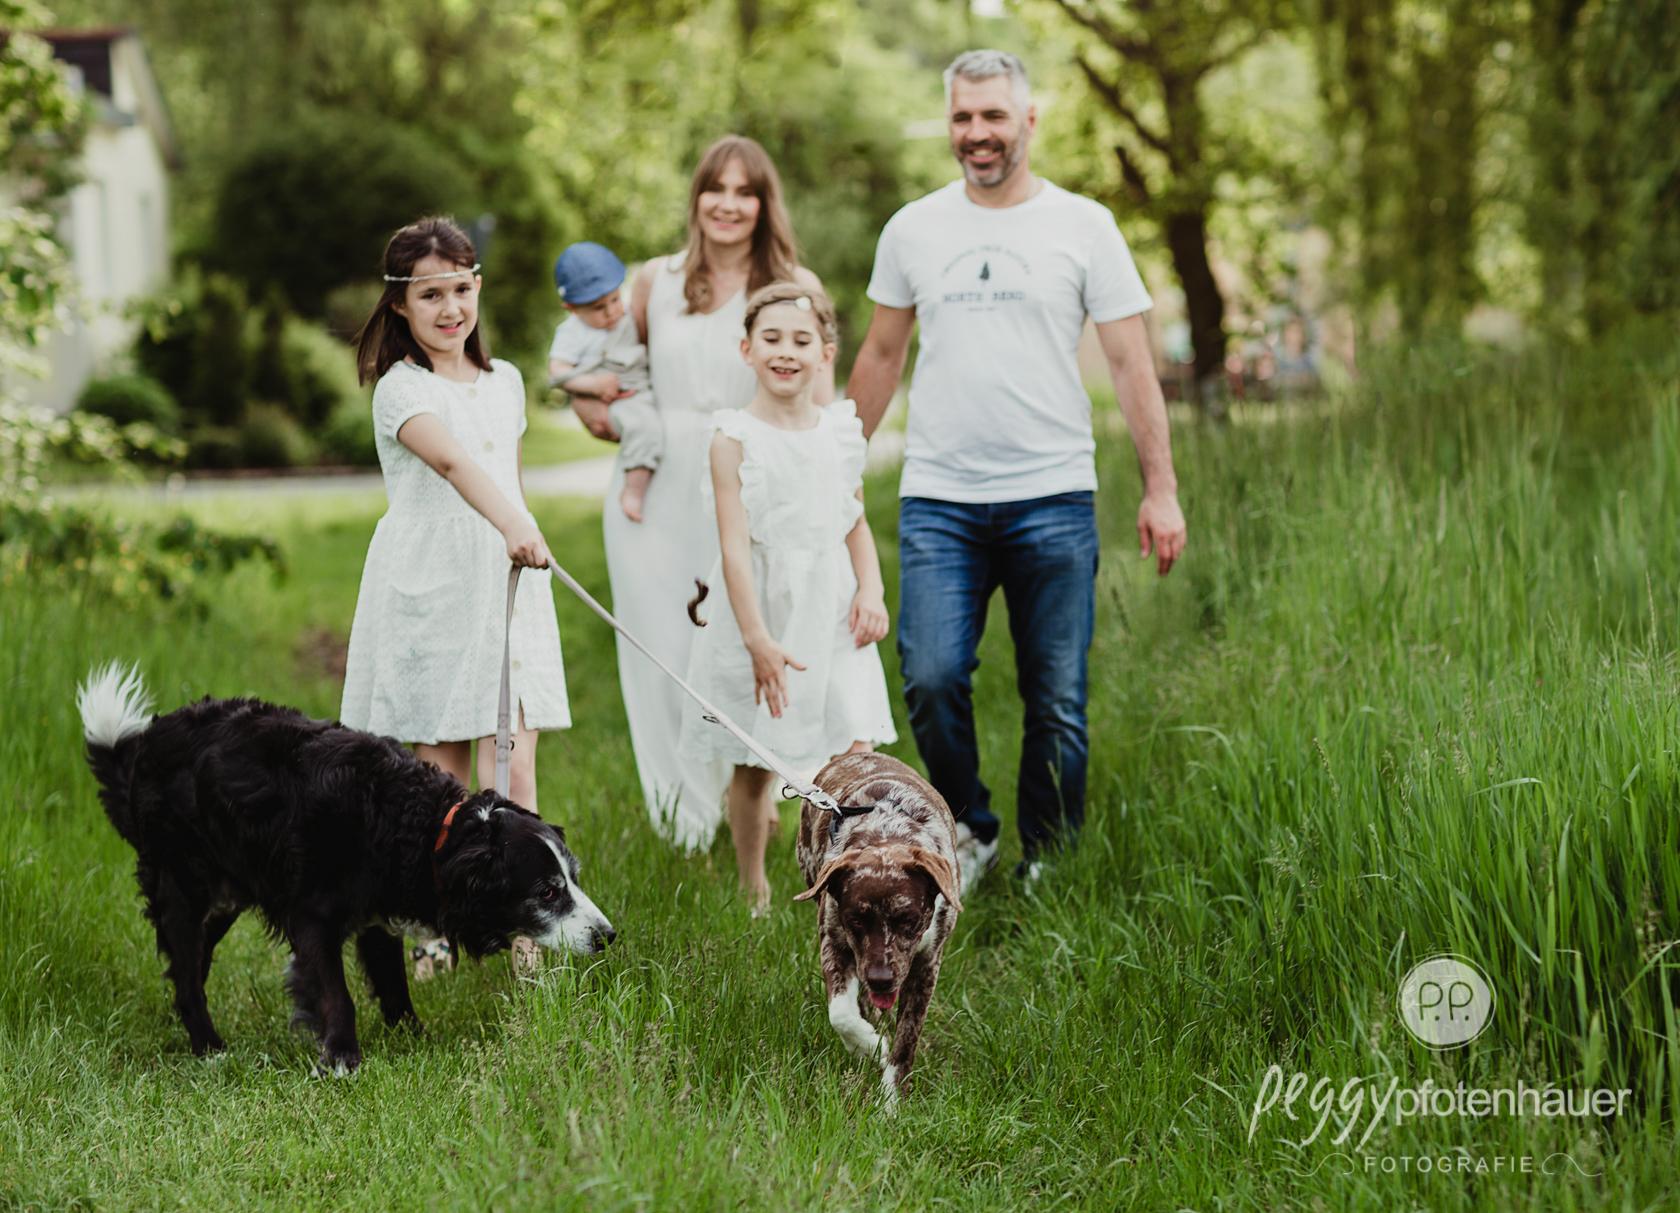 natürliche Familienfotos